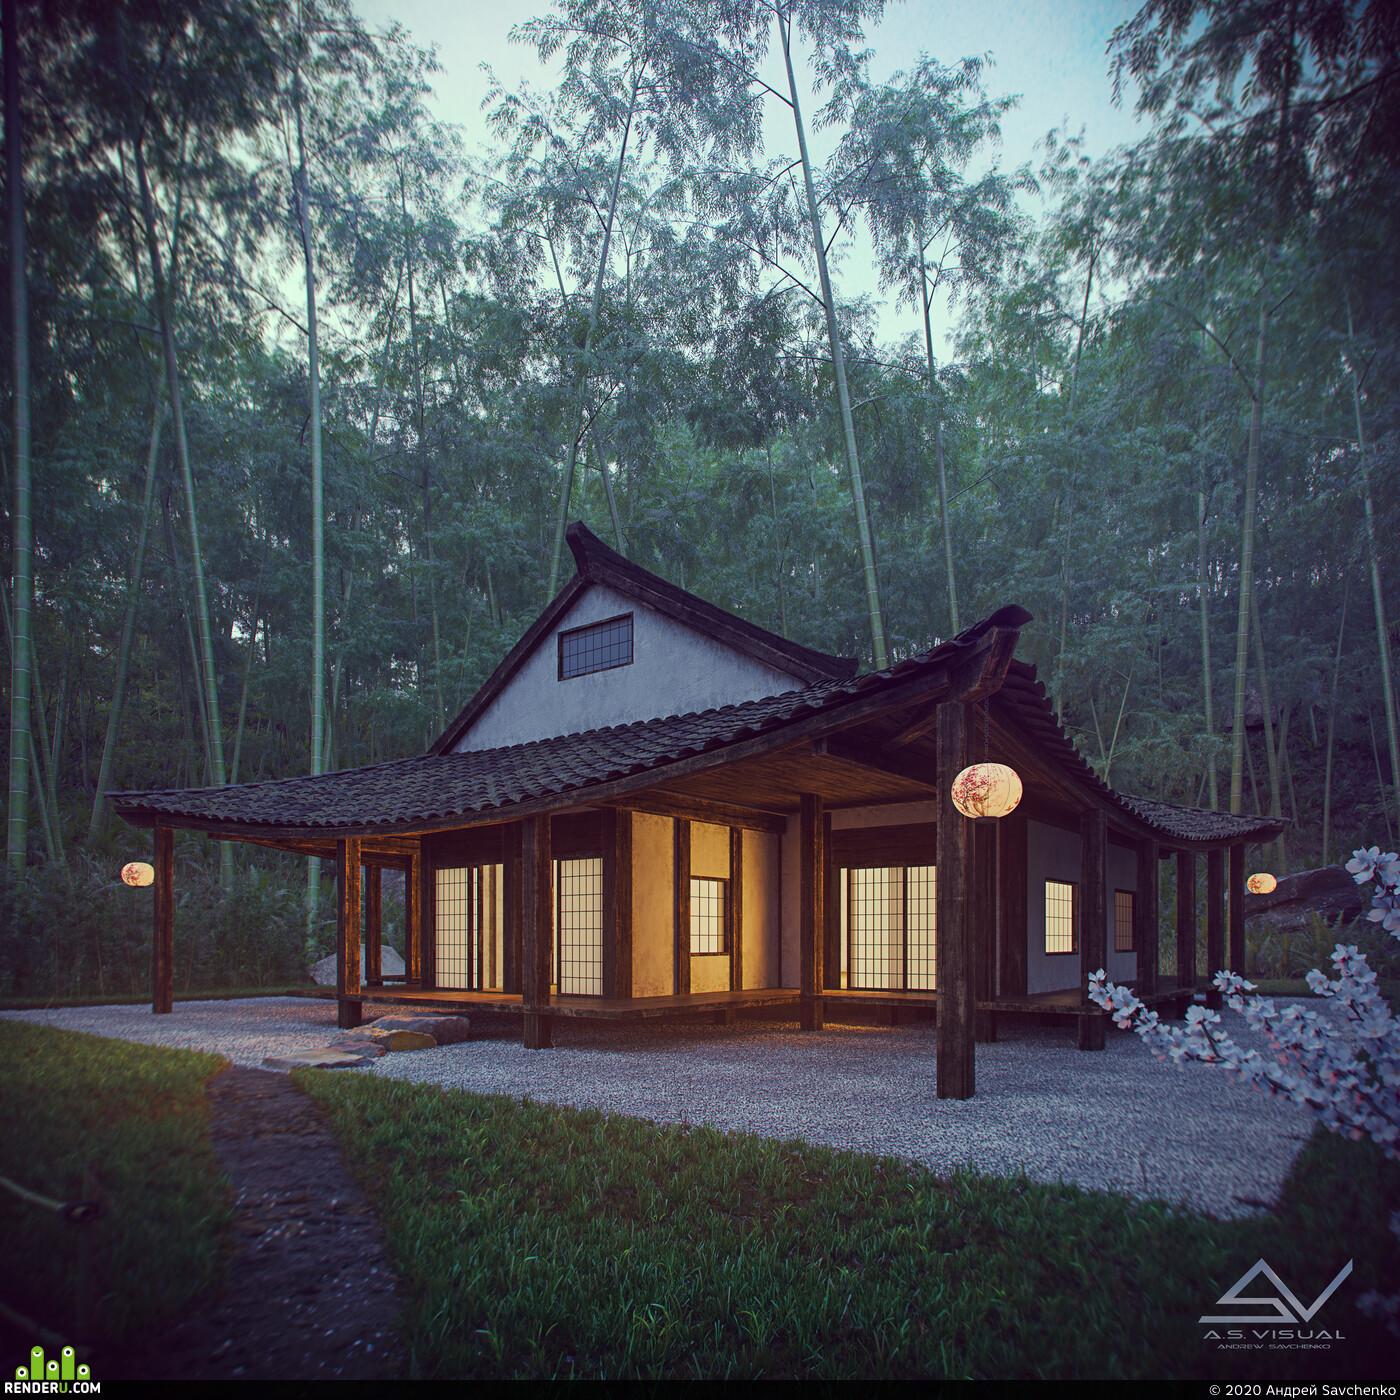 Старый дом, лес, Дом в лесу, Япония, самурай, закат